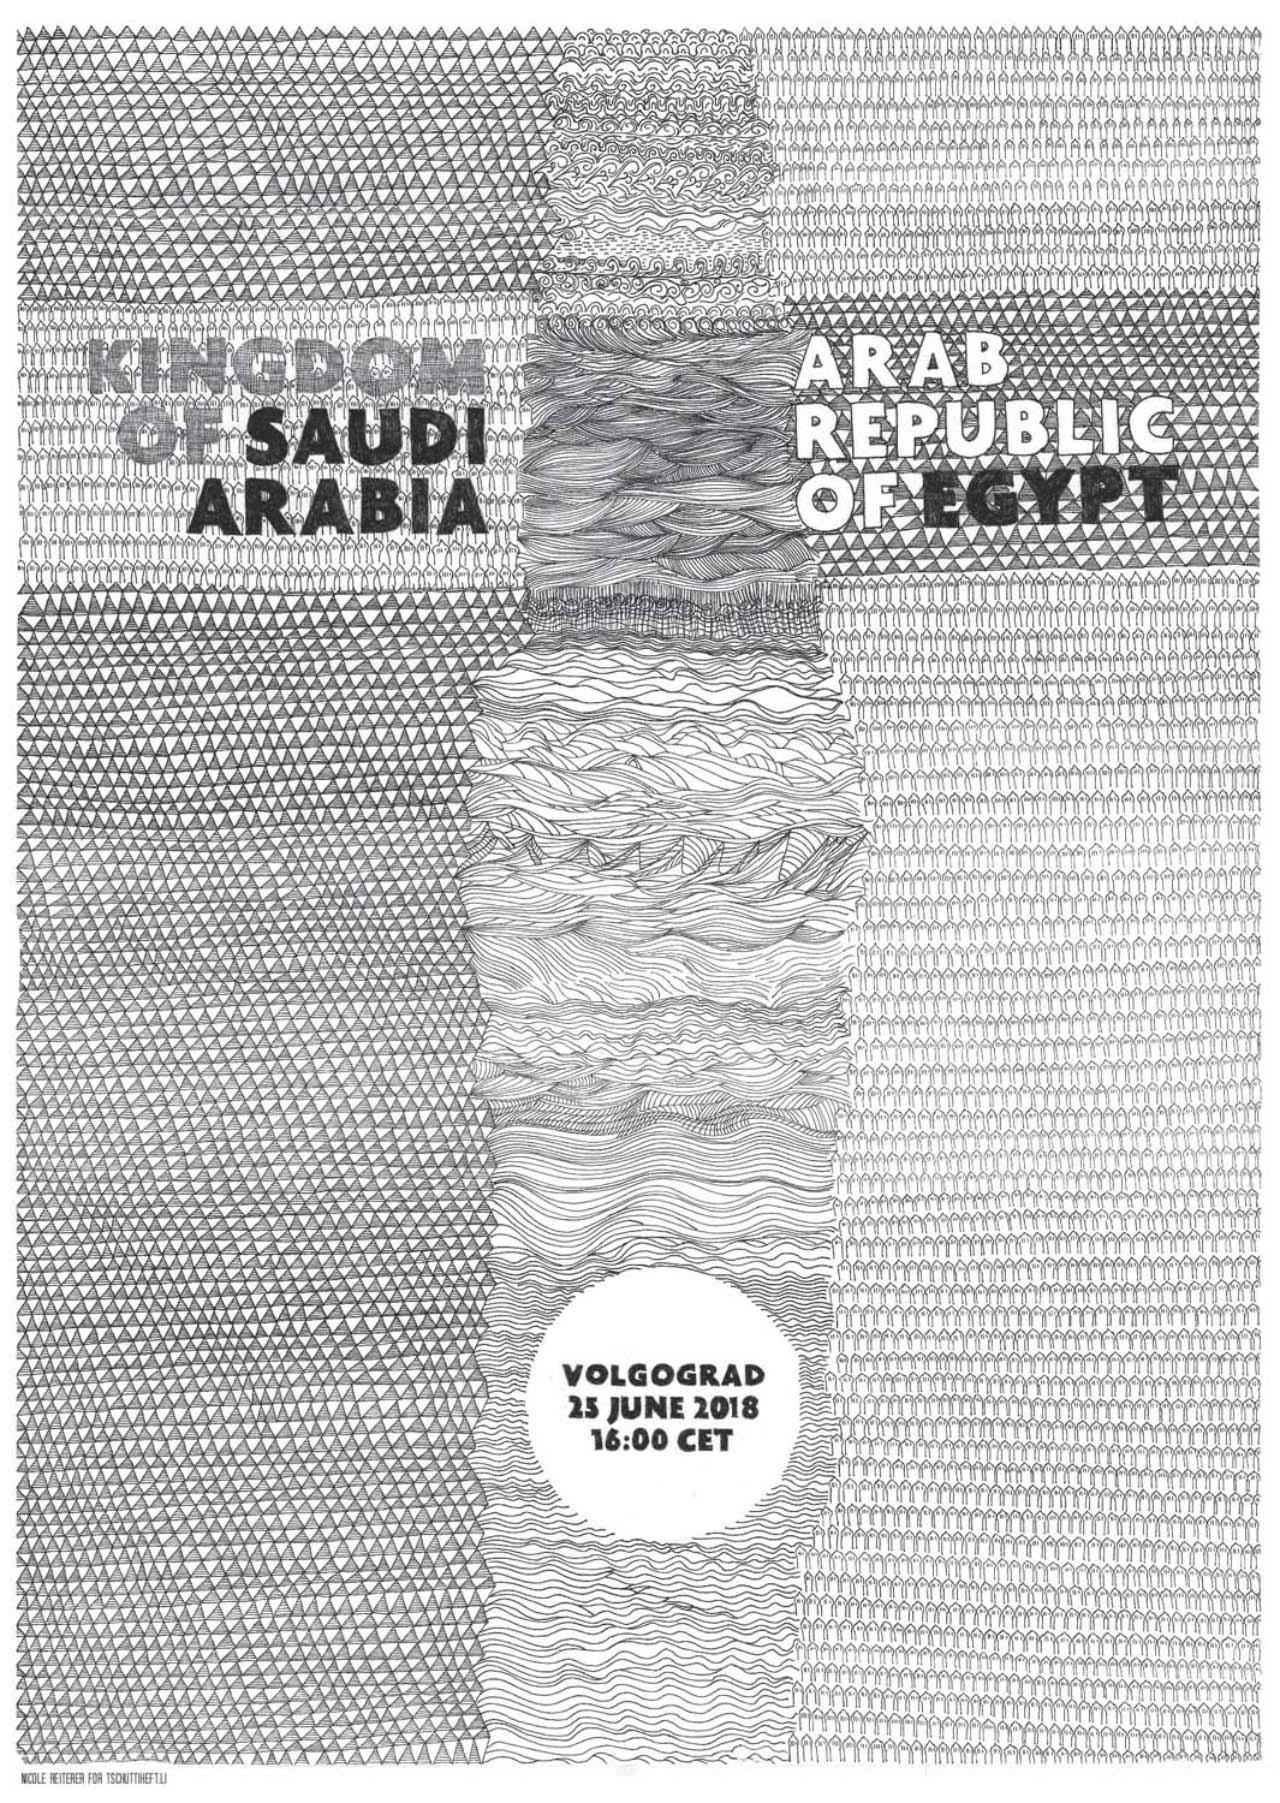 Tschutti Heftli Matchplakat Saudi Arabien Ägypten